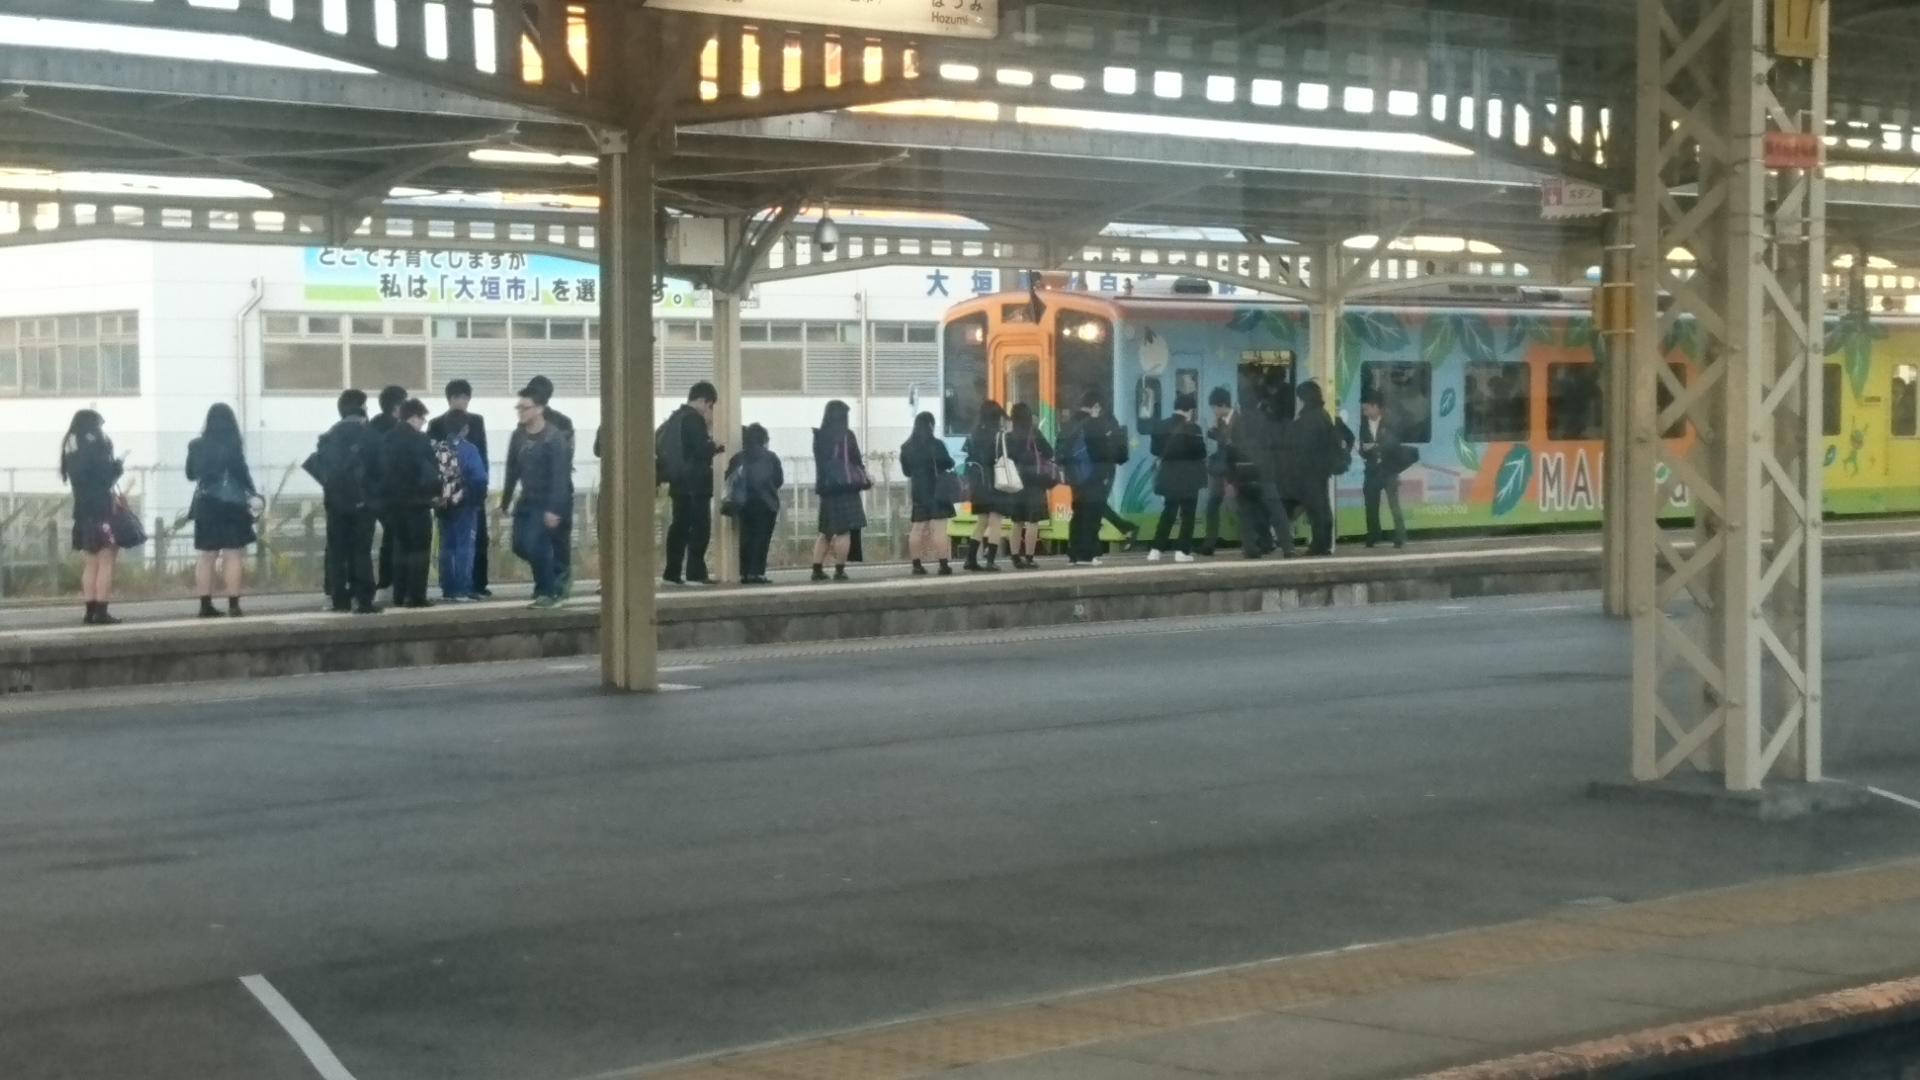 2016.11.16 大垣 - 樽見鉄道 (1)